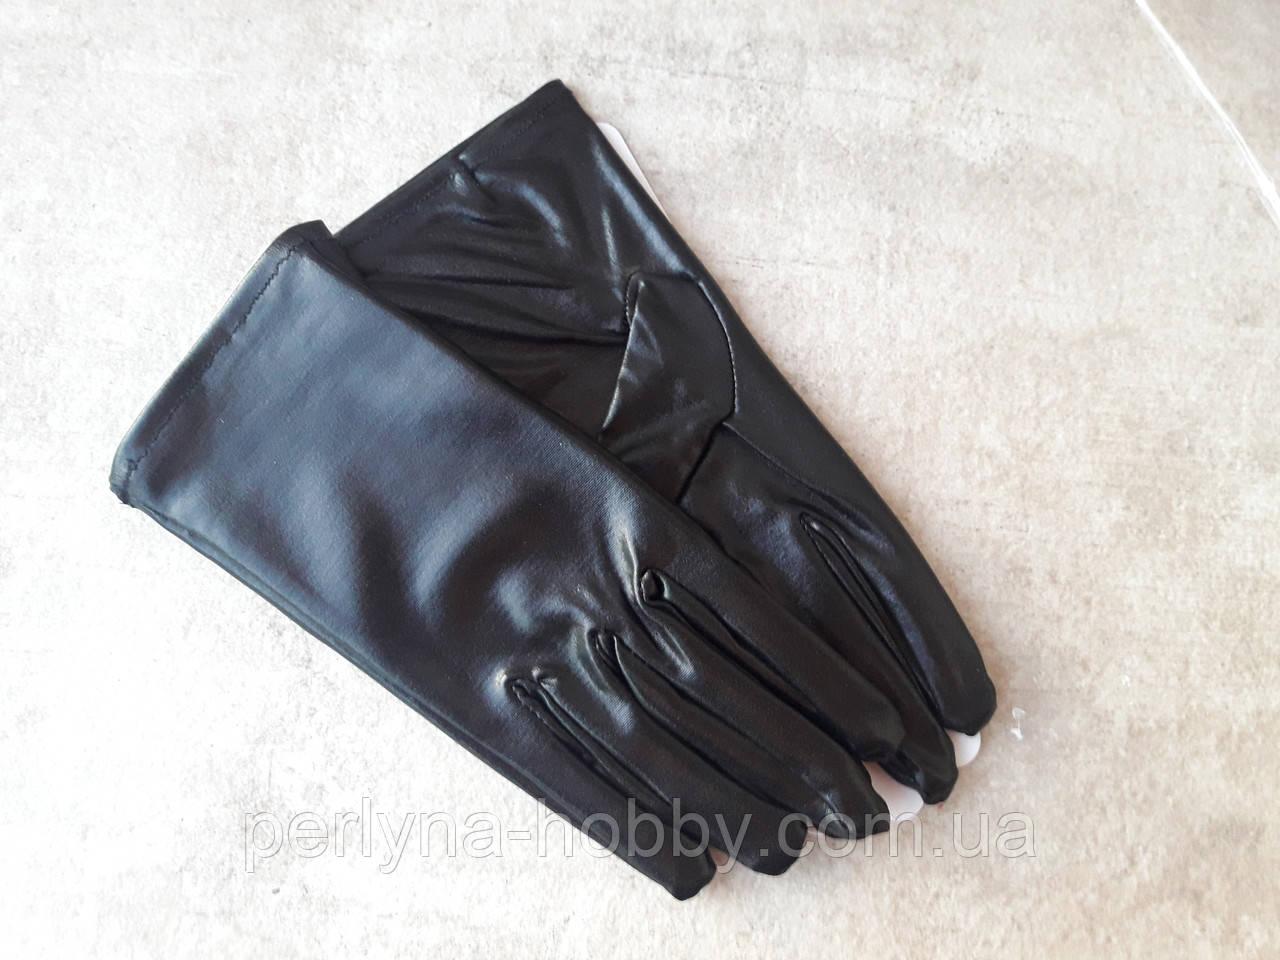 Перчатки женские Рукавички жіночі короткі 22 см. Чорні, тканинні з напиленням під шкіру.